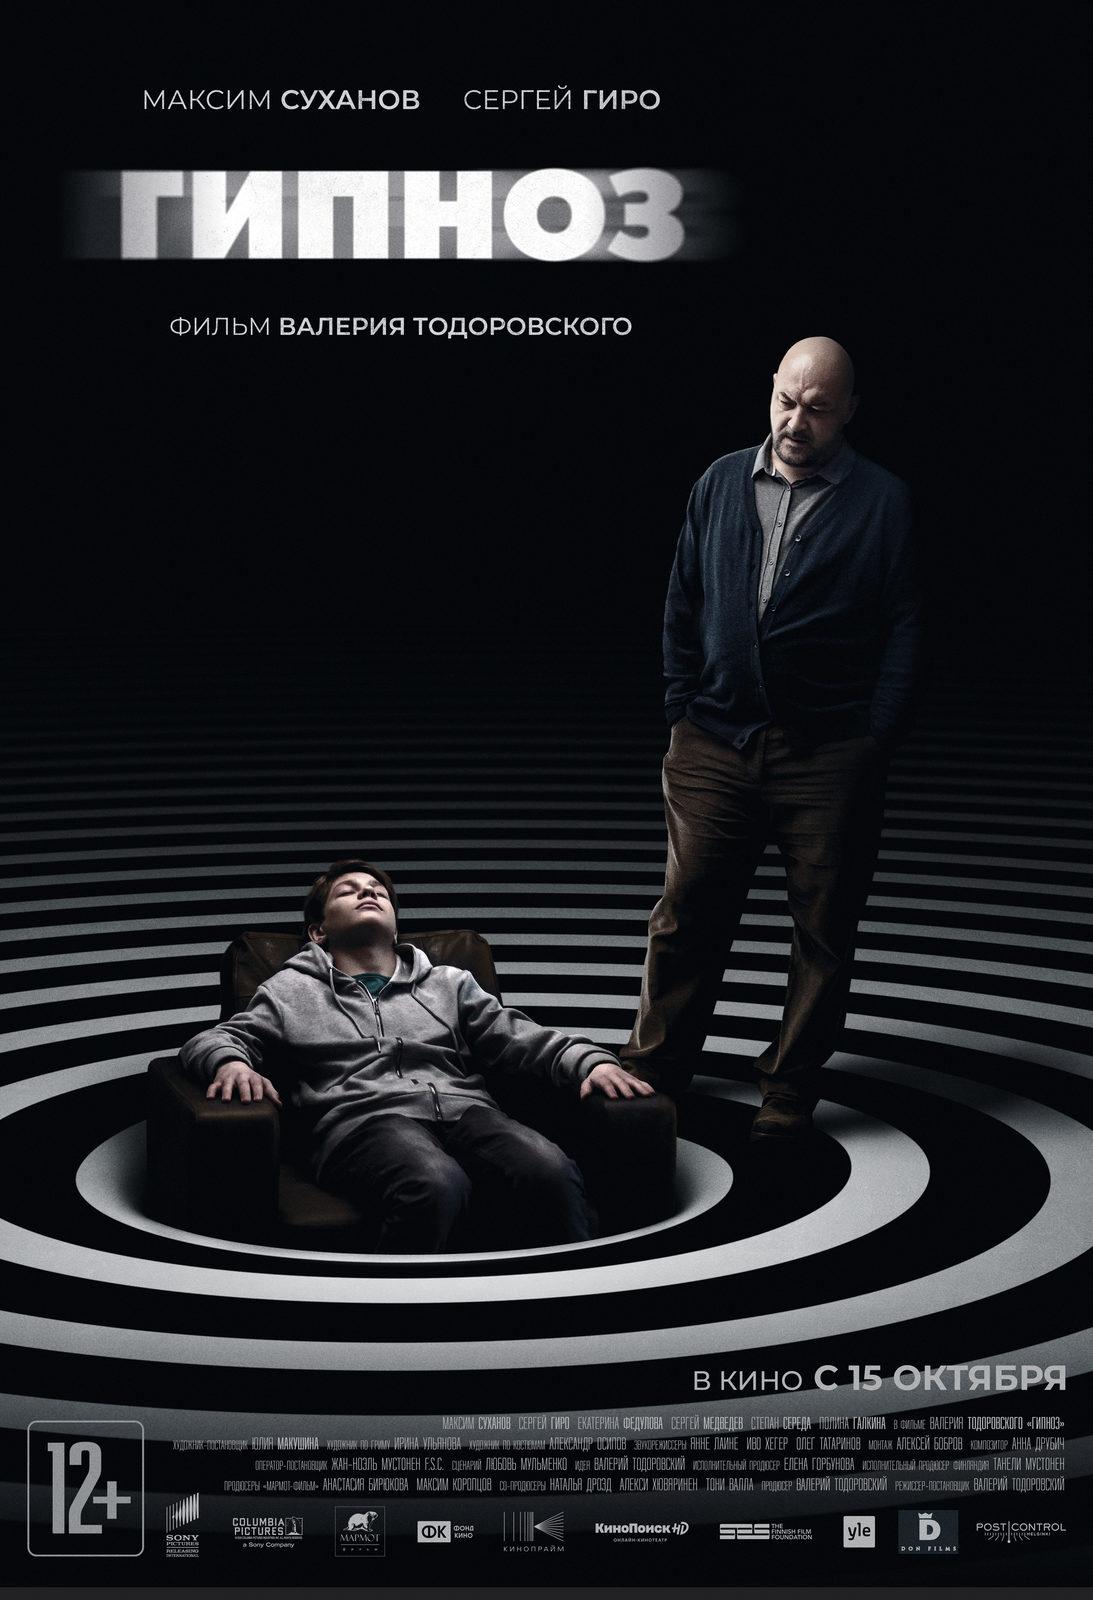 Download Filme Hipnótico Torrent 2021 Qualidade Hd